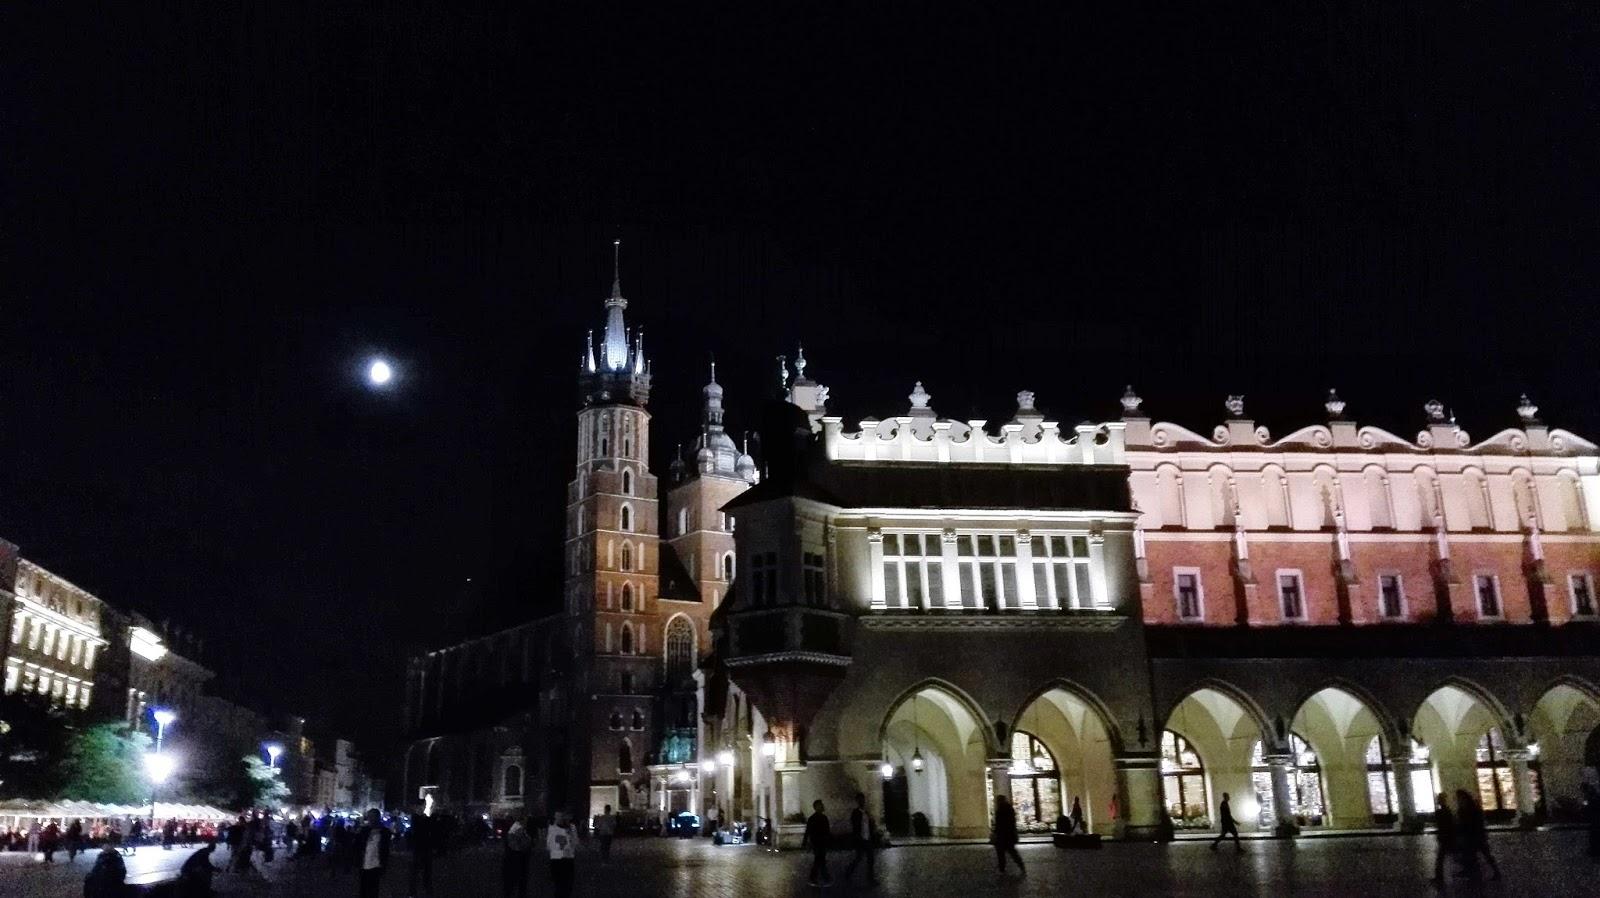 Cracovia: la dama polaca   Gastronomoyviajero